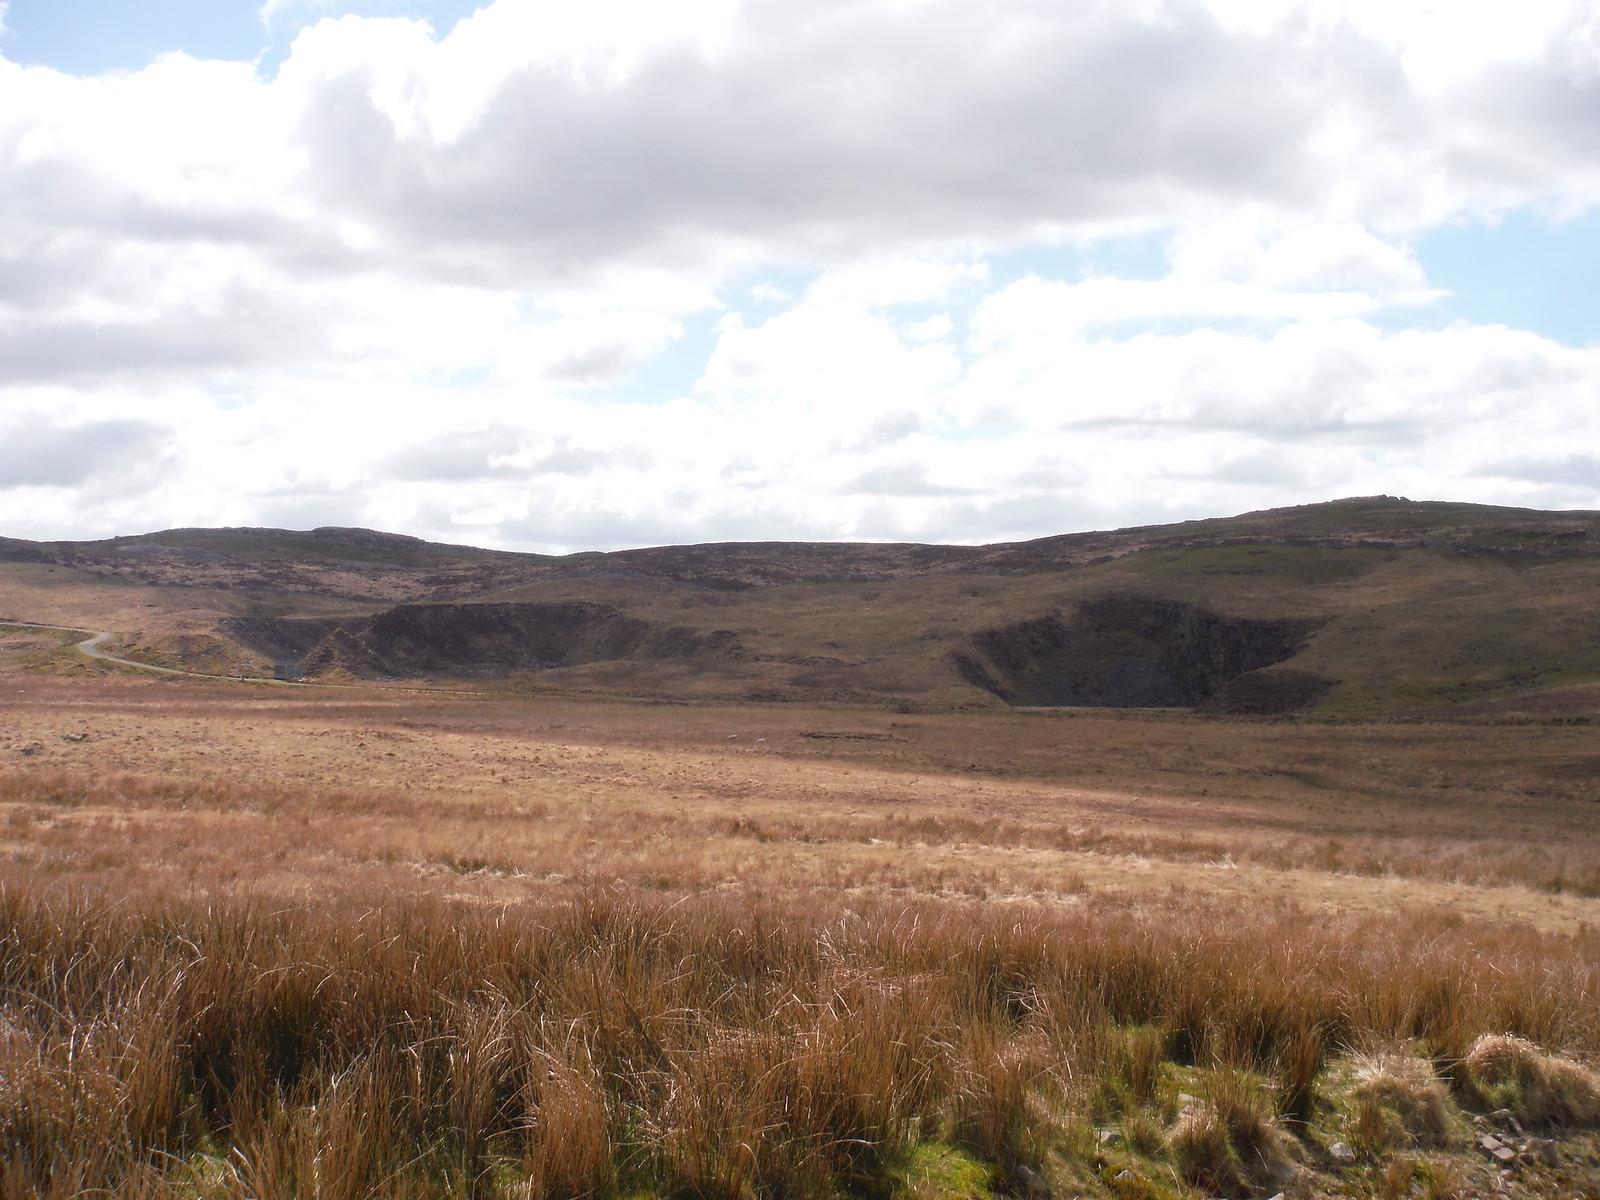 Pwll Byfre Shake Holes SWC Walk 307 - Fforest Fawr Traverse (Craig y Nos to Llwyn-y-celyn)